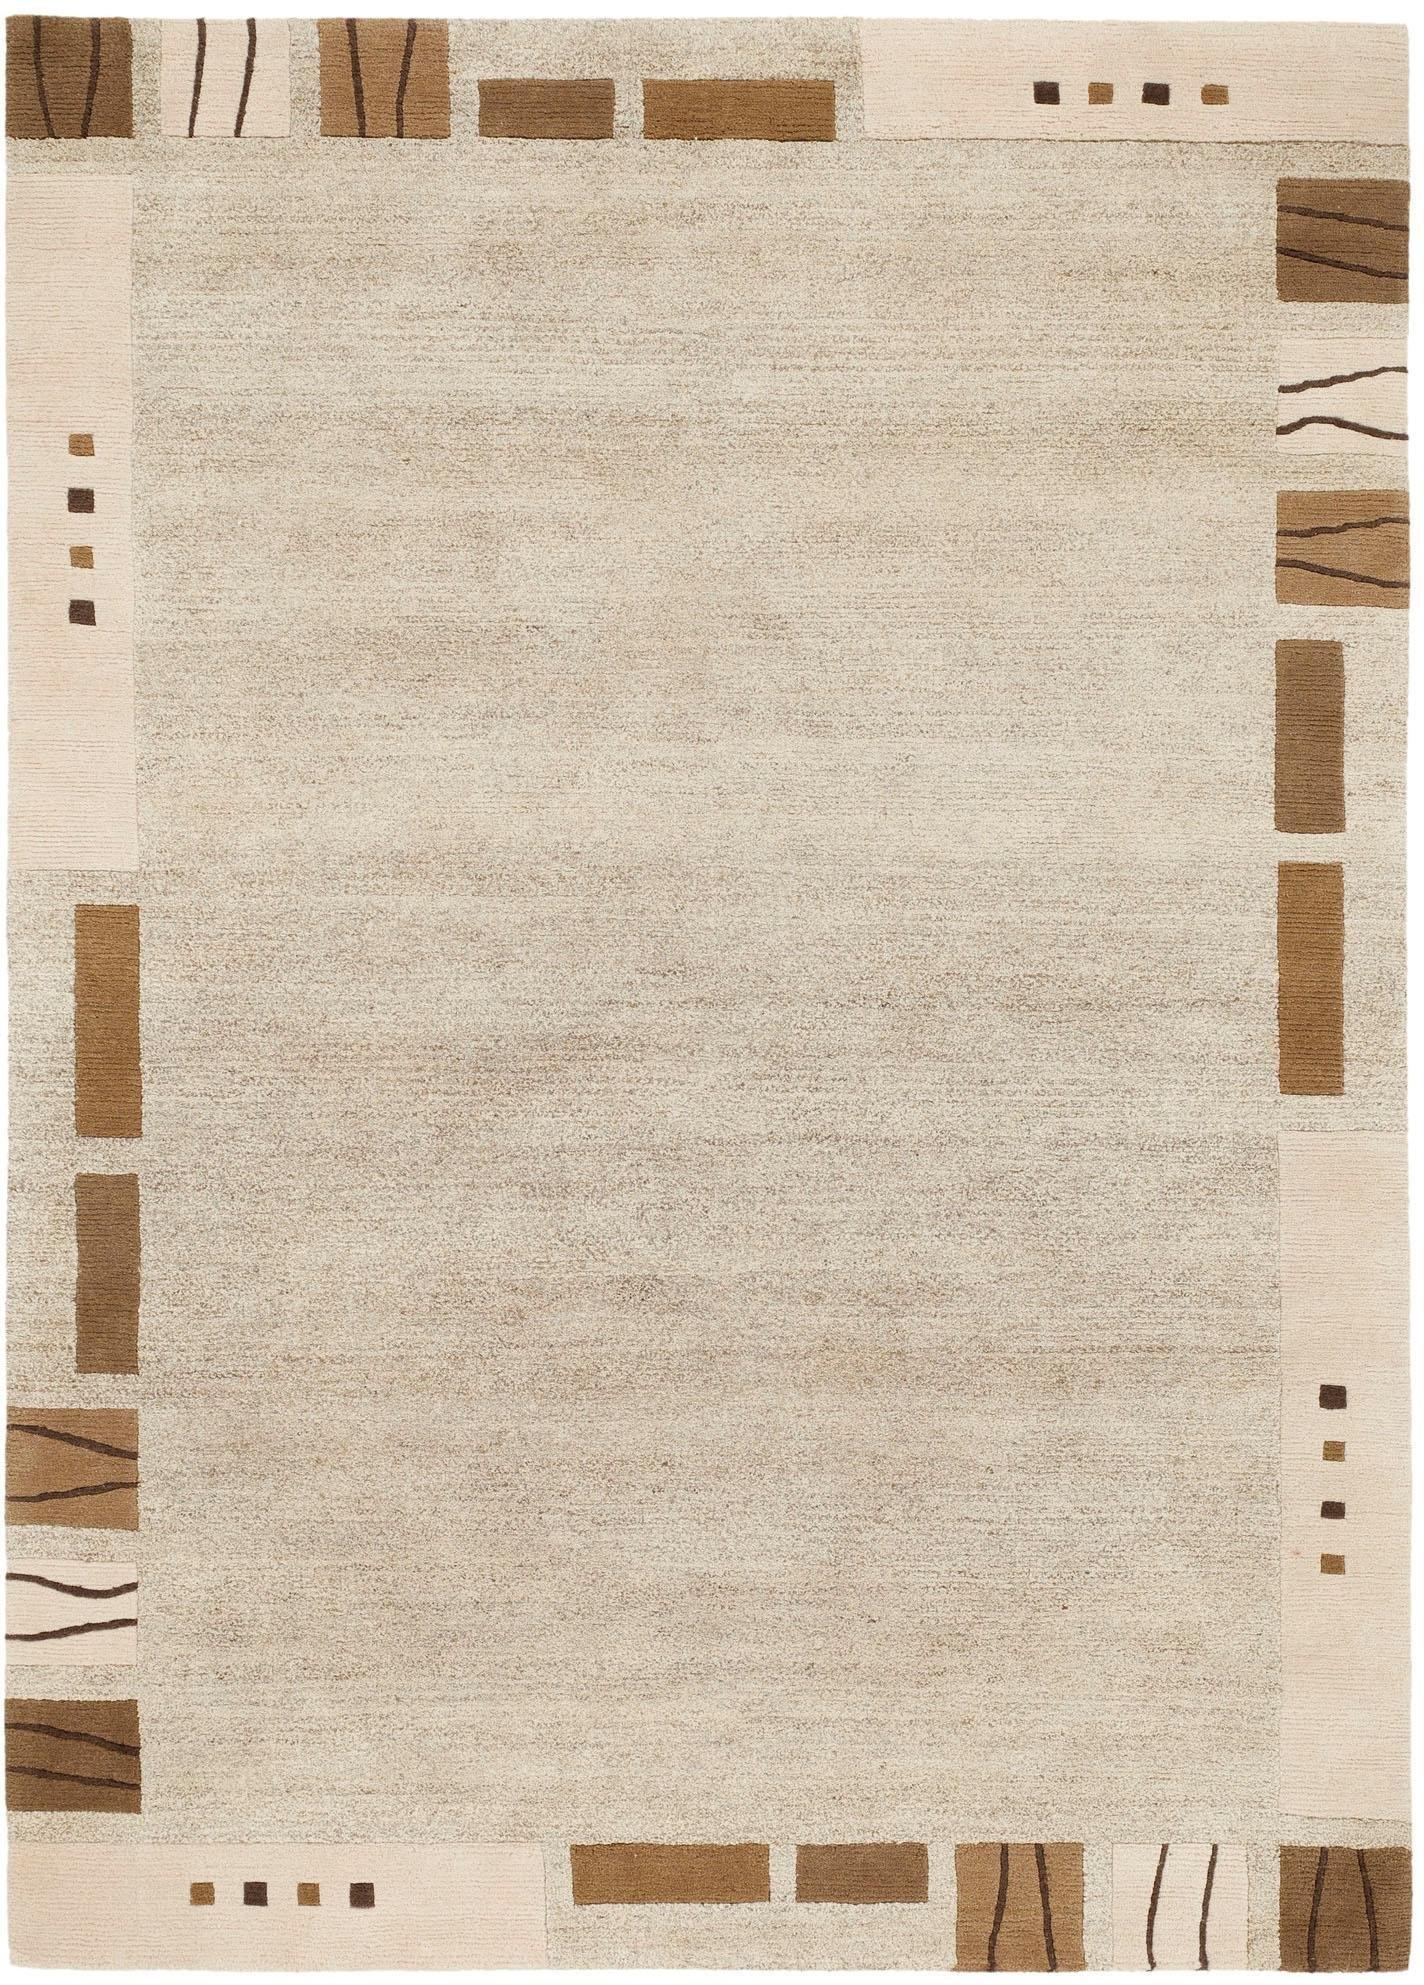 Vloerkleed, »Davina Musa«, OCI DIE TEPPICHMARKE, rechthoekig, hoogte 20 mm, met de hand geknoopt bestellen: 14 dagen bedenktijd